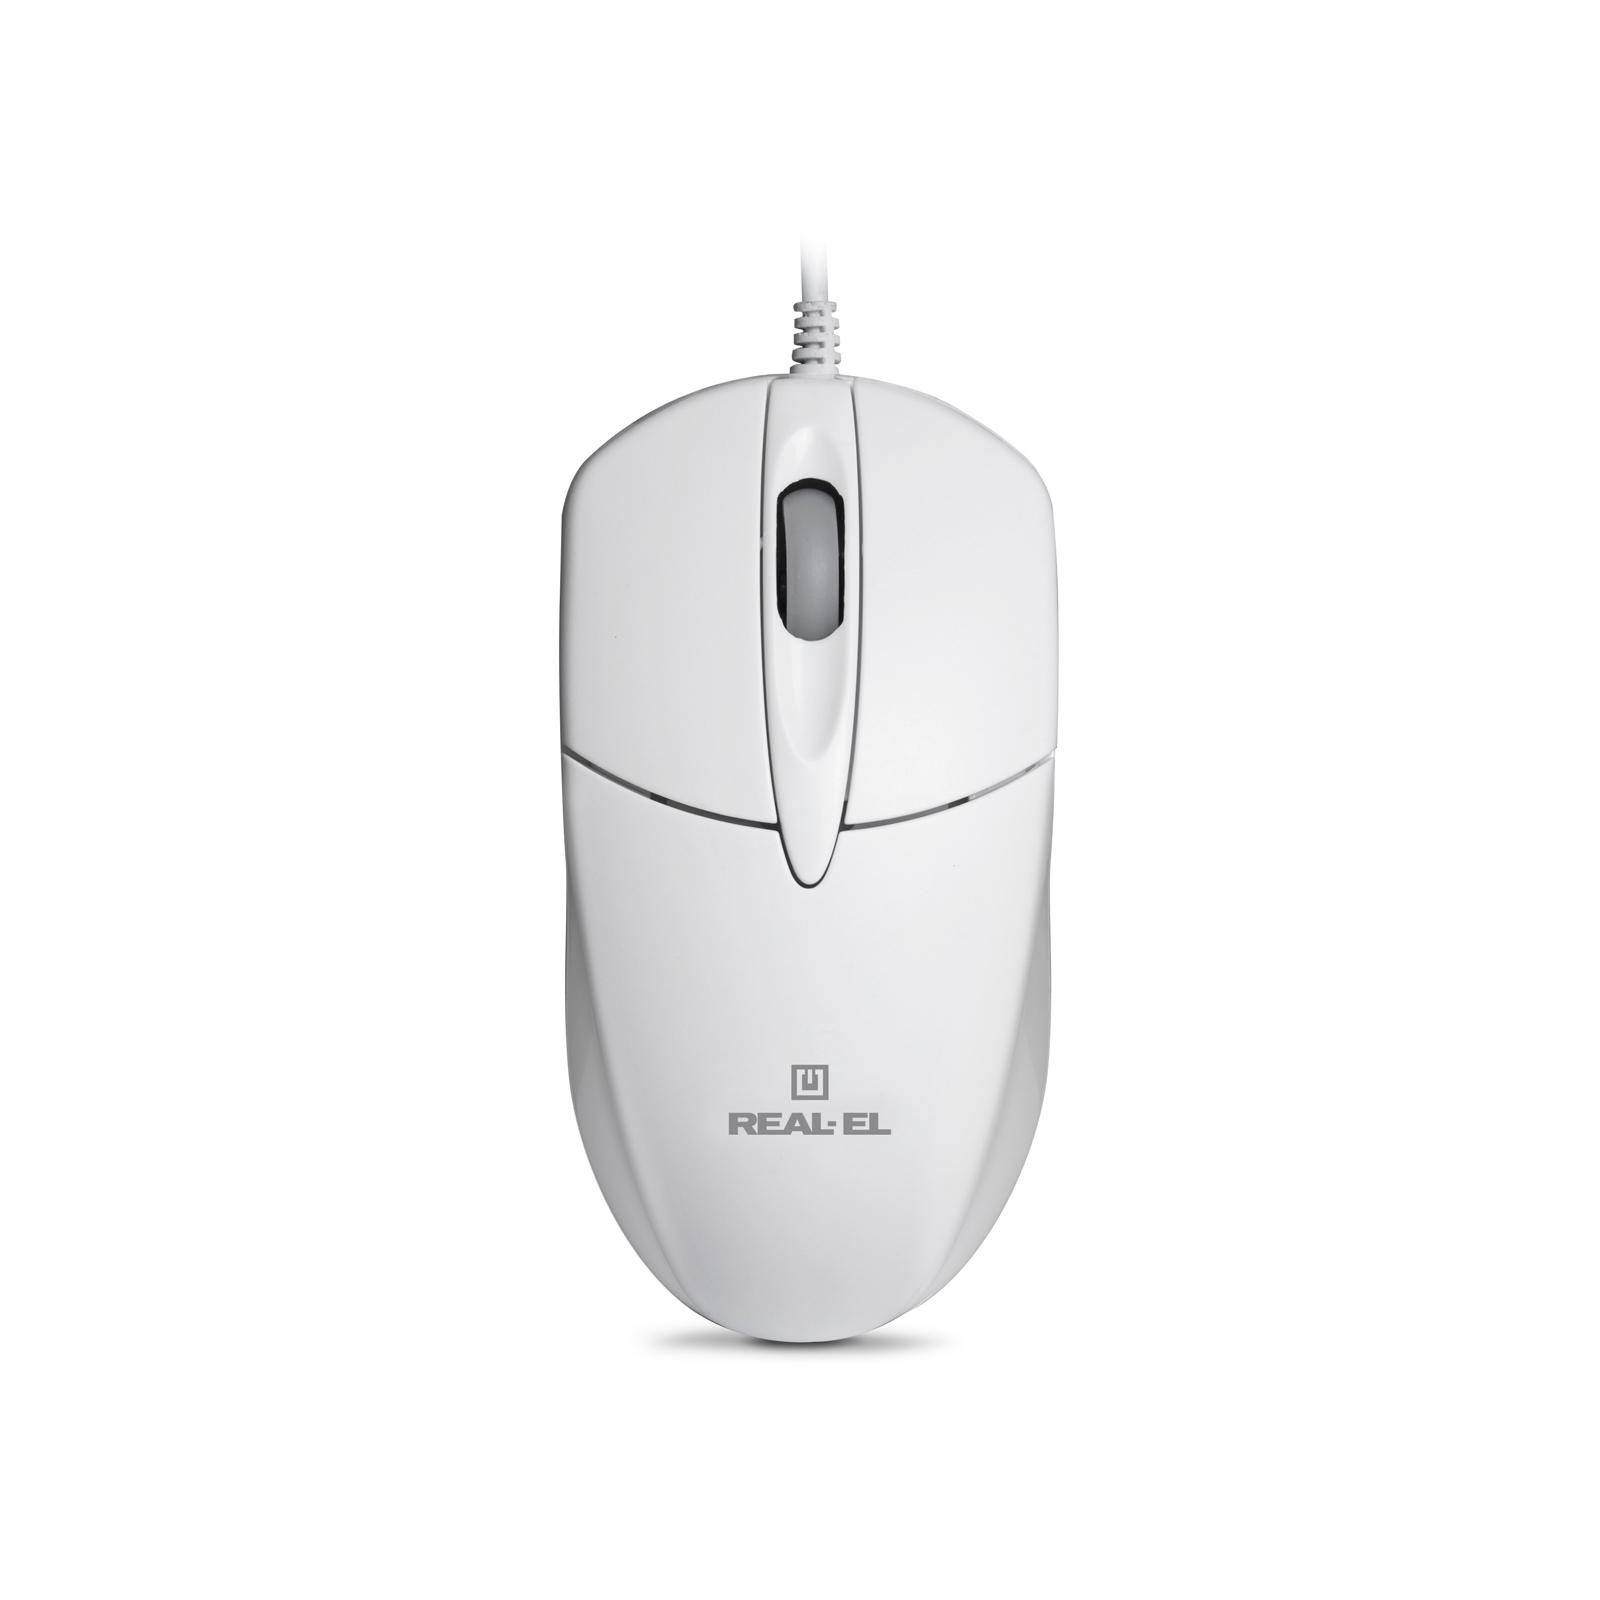 Мышка REAL-EL RM-211, USB, white изображение 2